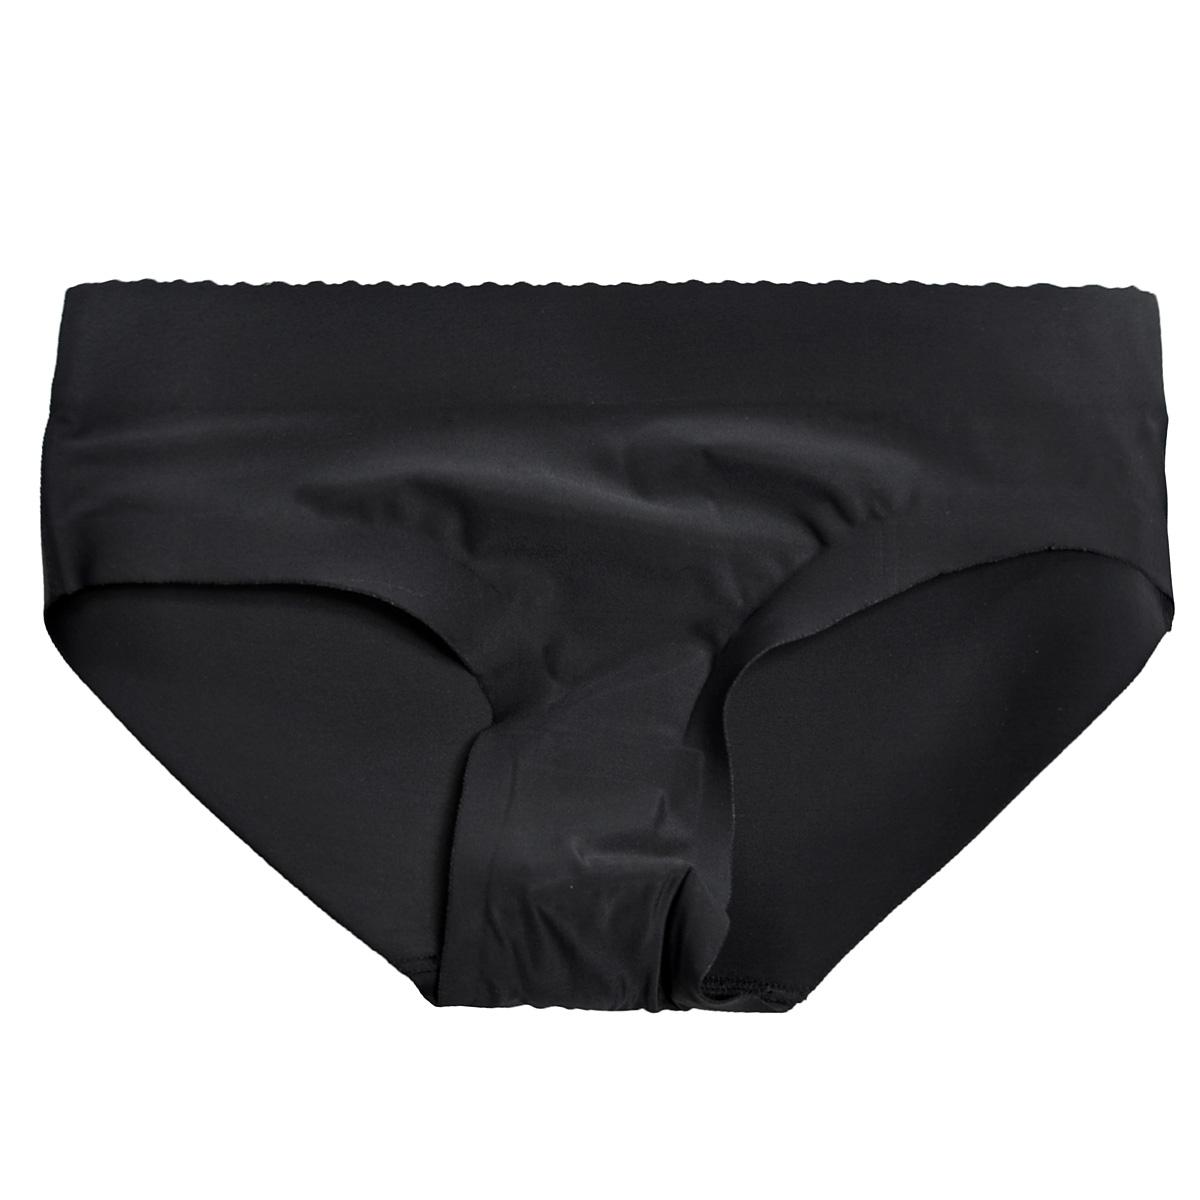 Трусы женские Padded Pants, с подушечками для ягодиц. 40PA40PAТрусы с подушечками для ягодиц Magic BodyFashion Padded Pants очень удобные и комфортные в носке. В эти трусики вшиты подушечки из мягкого пористого материала, в них ваши формы будут еще более привлекательными, объемными и аппетитными. Выбирайте обтягивающие и облегающие наряды, и эффект не заставит ждать. Крой трусов необычен, благодаря чему их невозможно заметить под любой одеждой. Изделие позволяет приобрести выразительные линии своего тела за считанные секунды (можно скрыть все лишнее и придать объем там, где необходимо). Белье Magic BodyFashion создано для тех, кто стремится к безупречности своего стиля. Именно благодаря ему огромное количество женщин чувствуют себя поистине соблазнительными, привлекательными и не на шутку уверенными в себе.